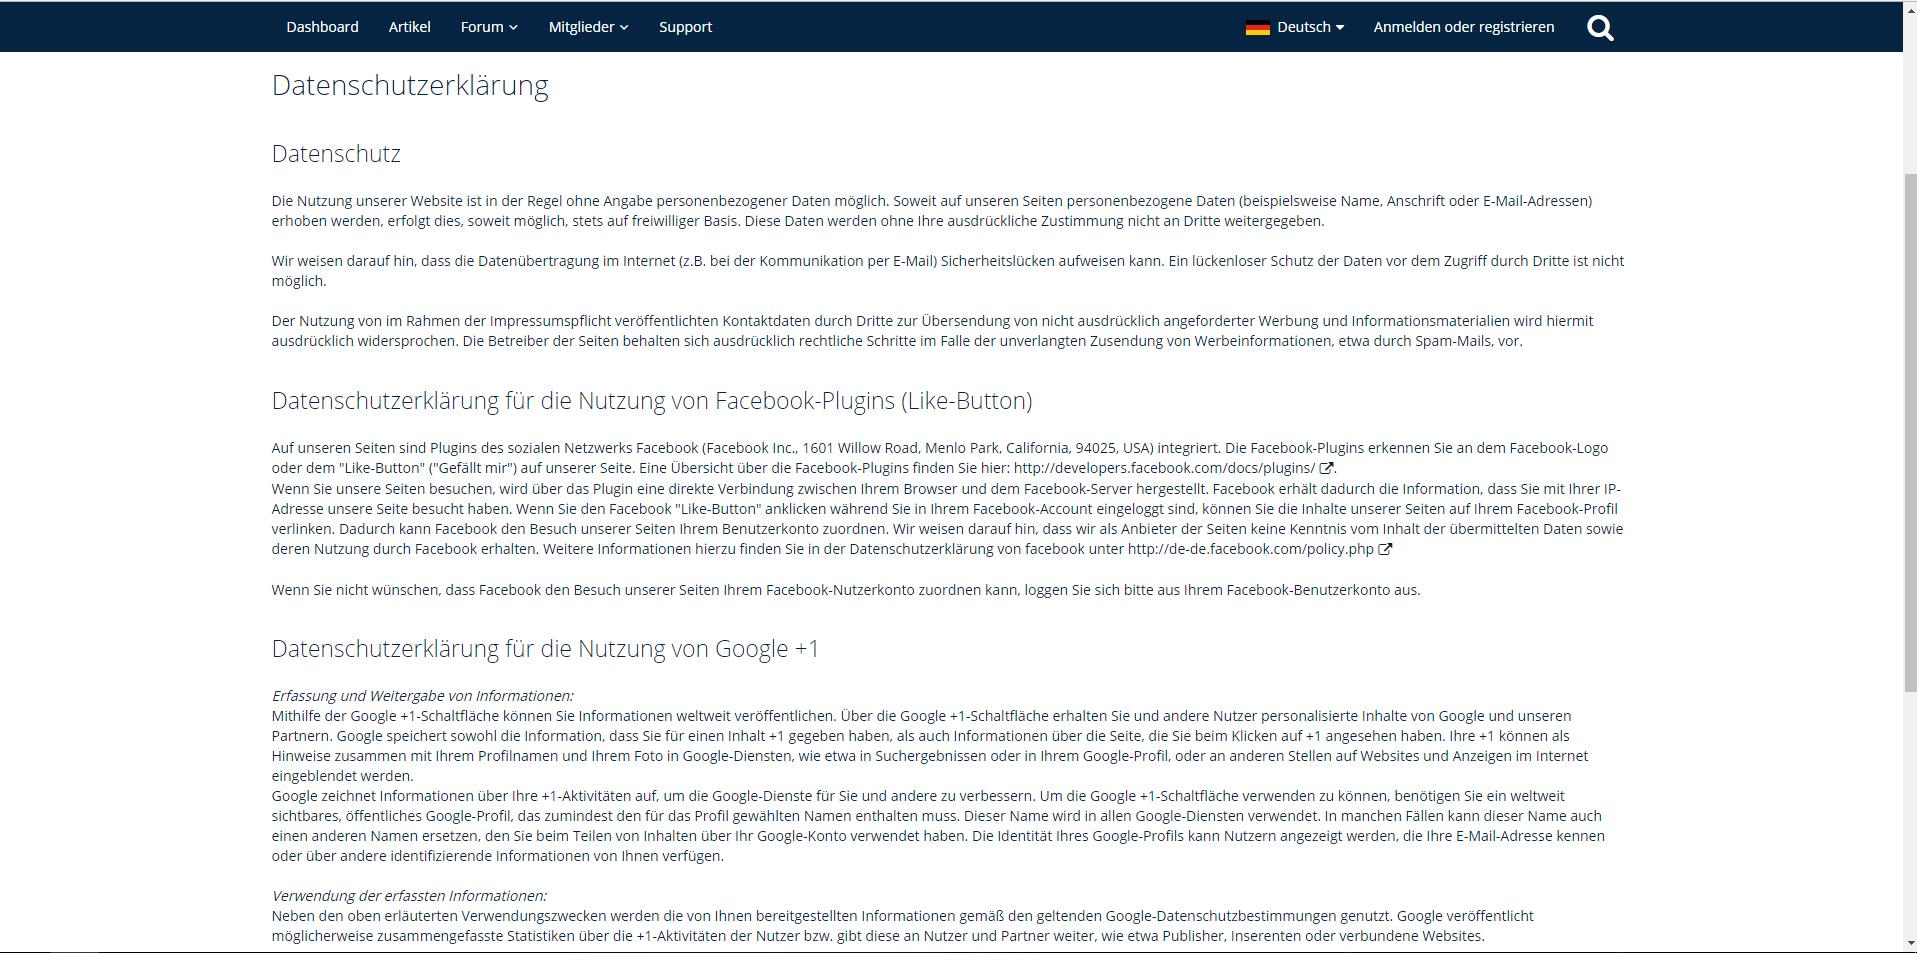 Text der Datenschutzerklärung nicht veränderbar - WoltLab Suite 3.0 ...